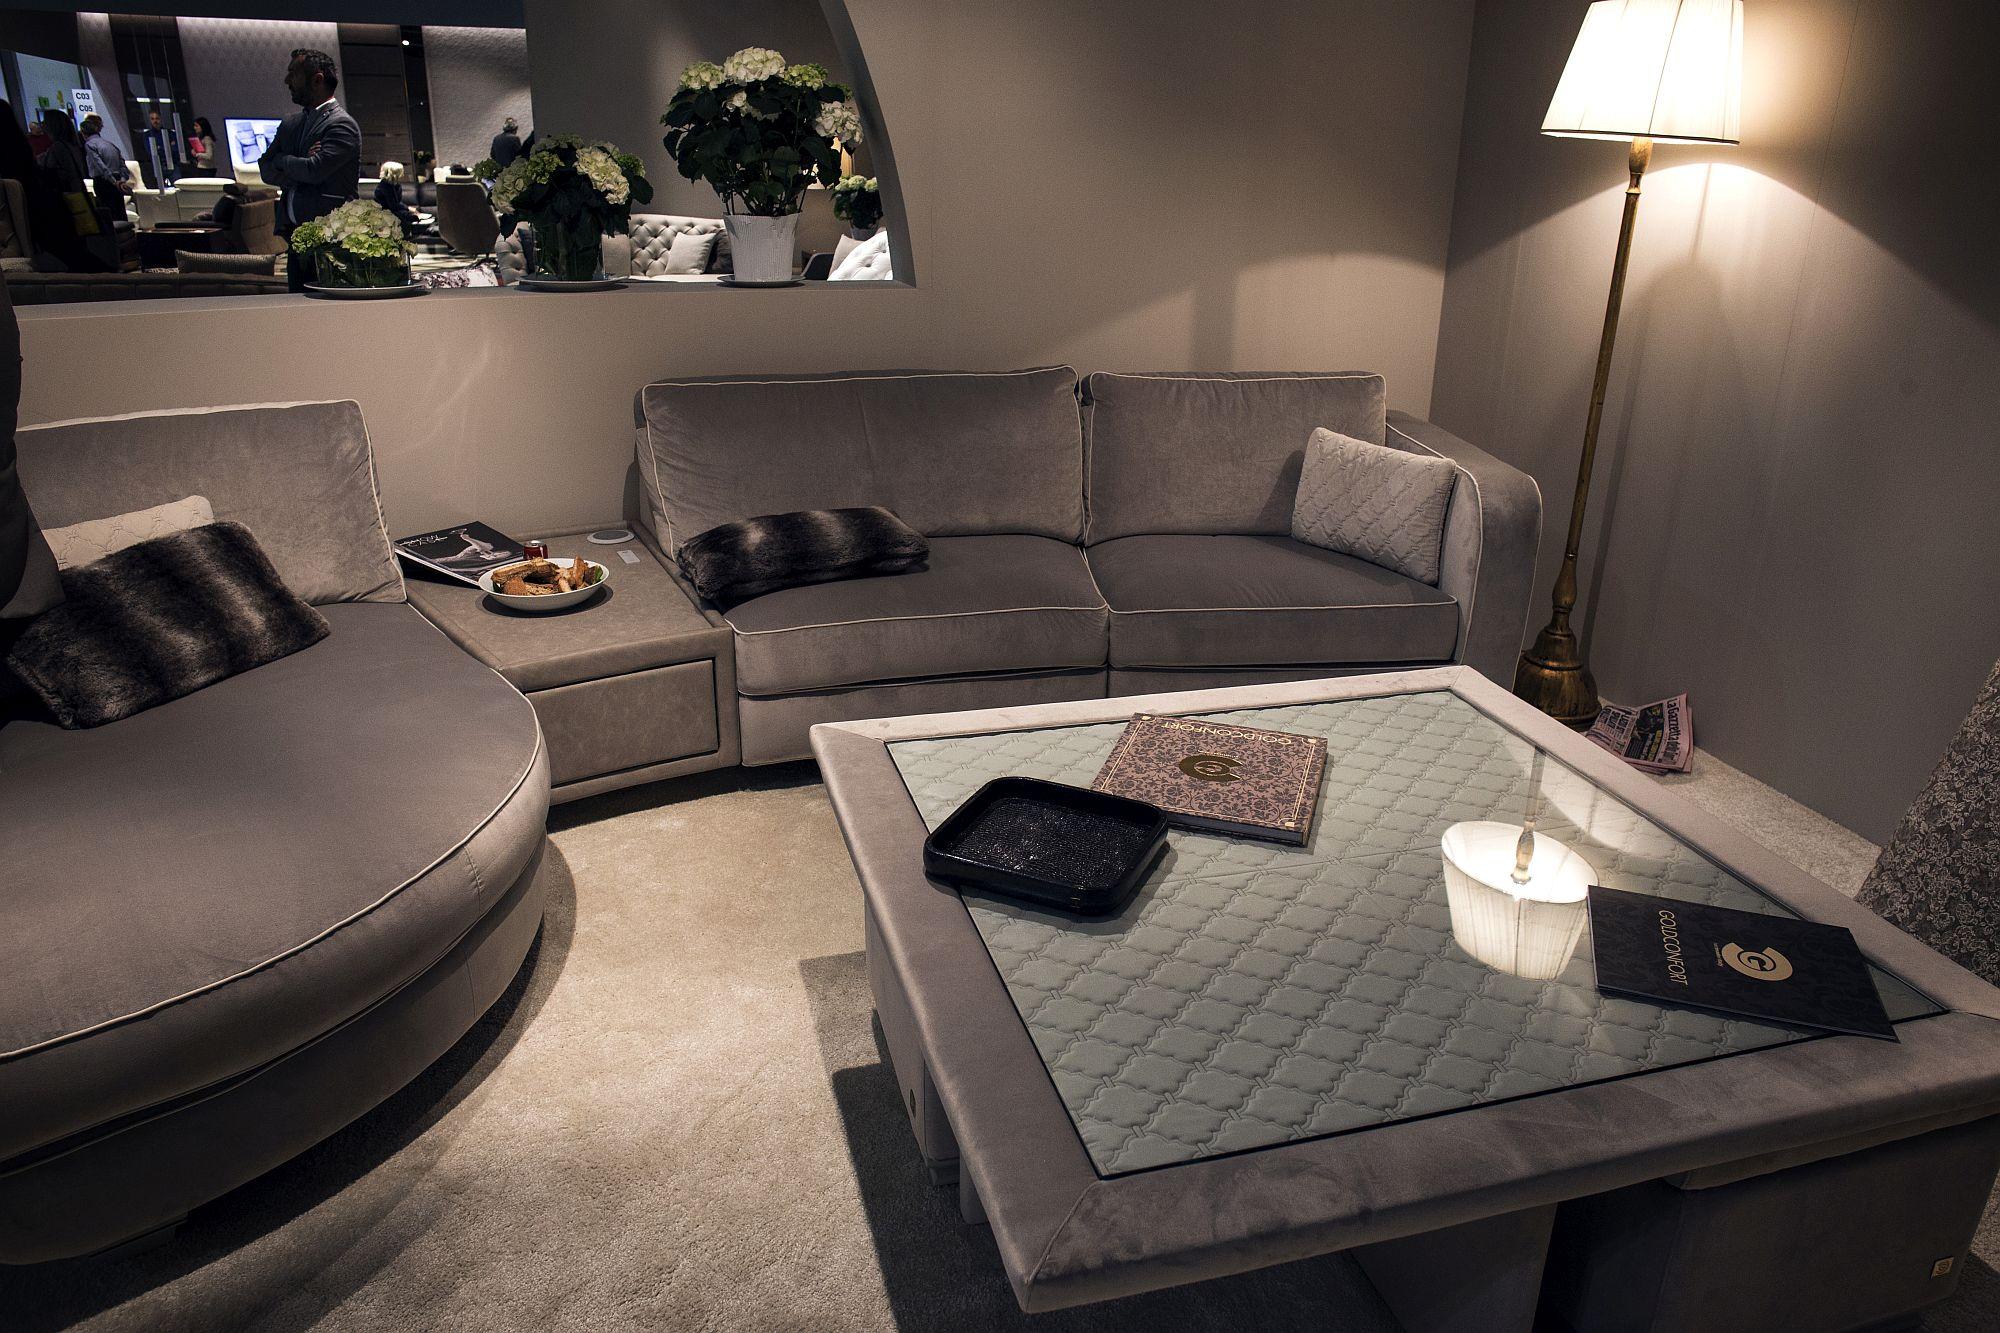 Sleek-floor-lamp-also-adds-metallic-tinge-to-the-living-room-in-gray